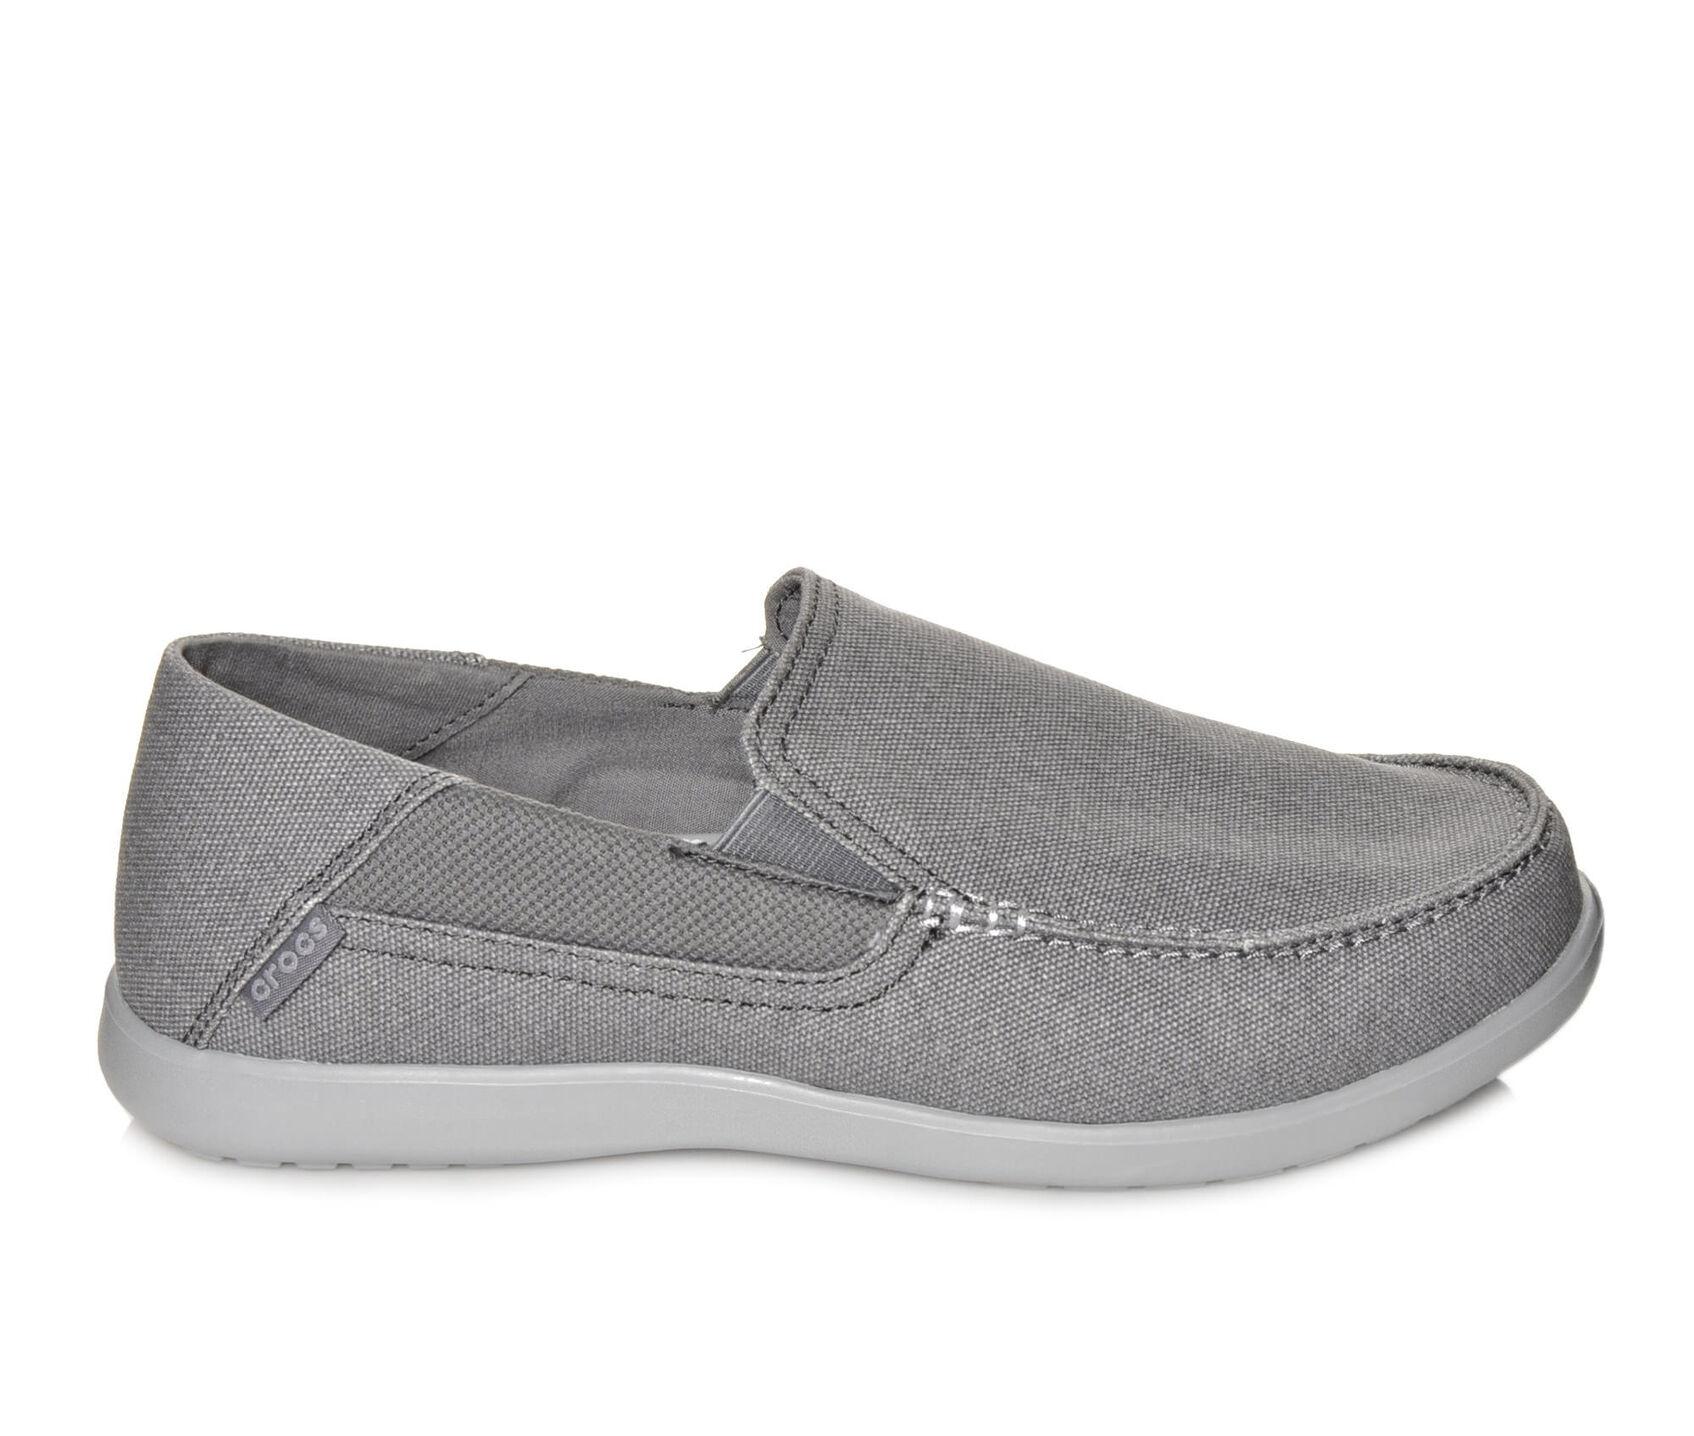 3c7221e64ee95a Images. Men  39 s Crocs Santa Cruz 2 Luxe M